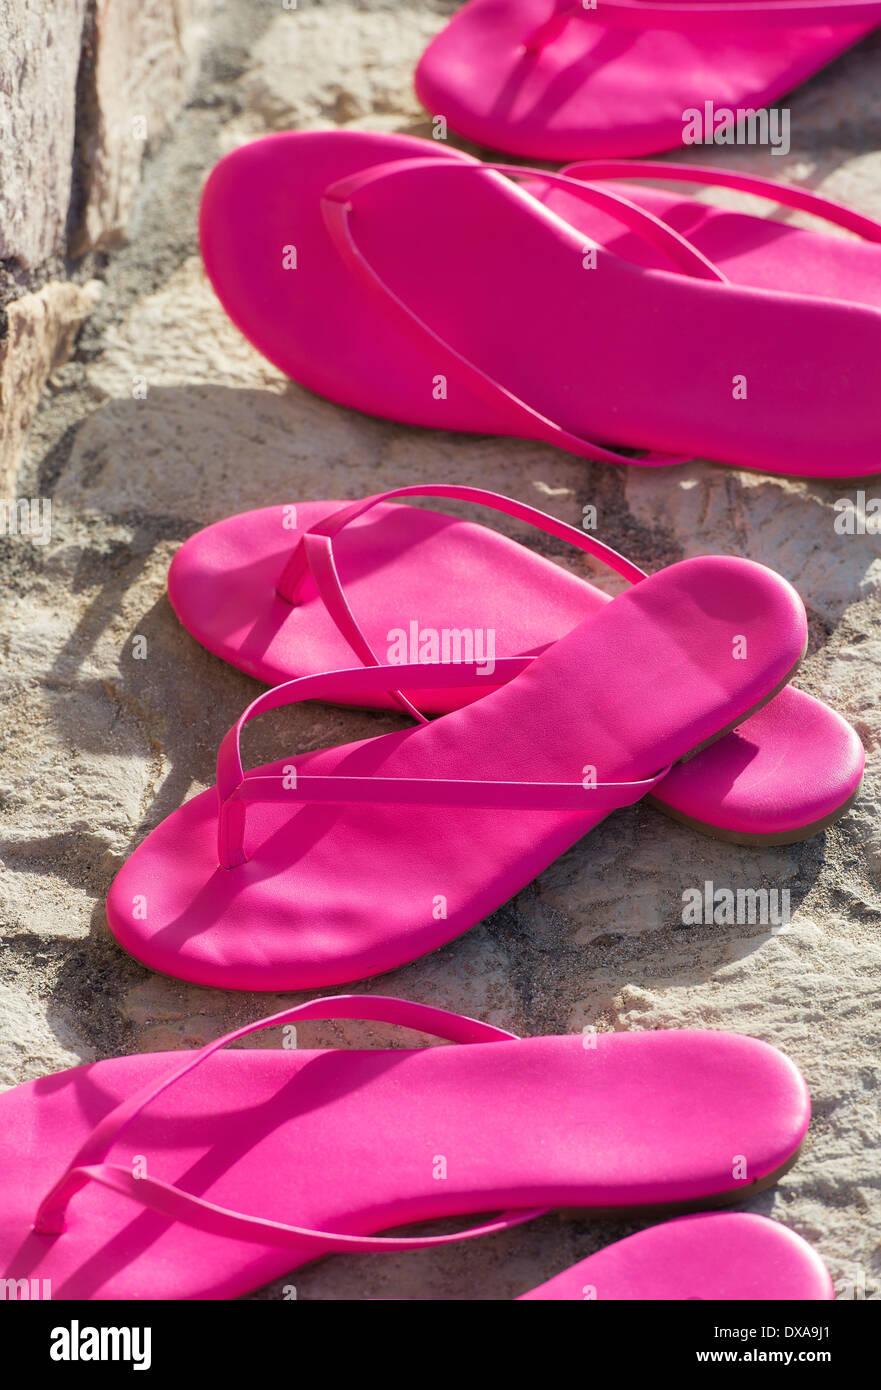 Passende Paare heiße rosa Sandalen. Stockbild